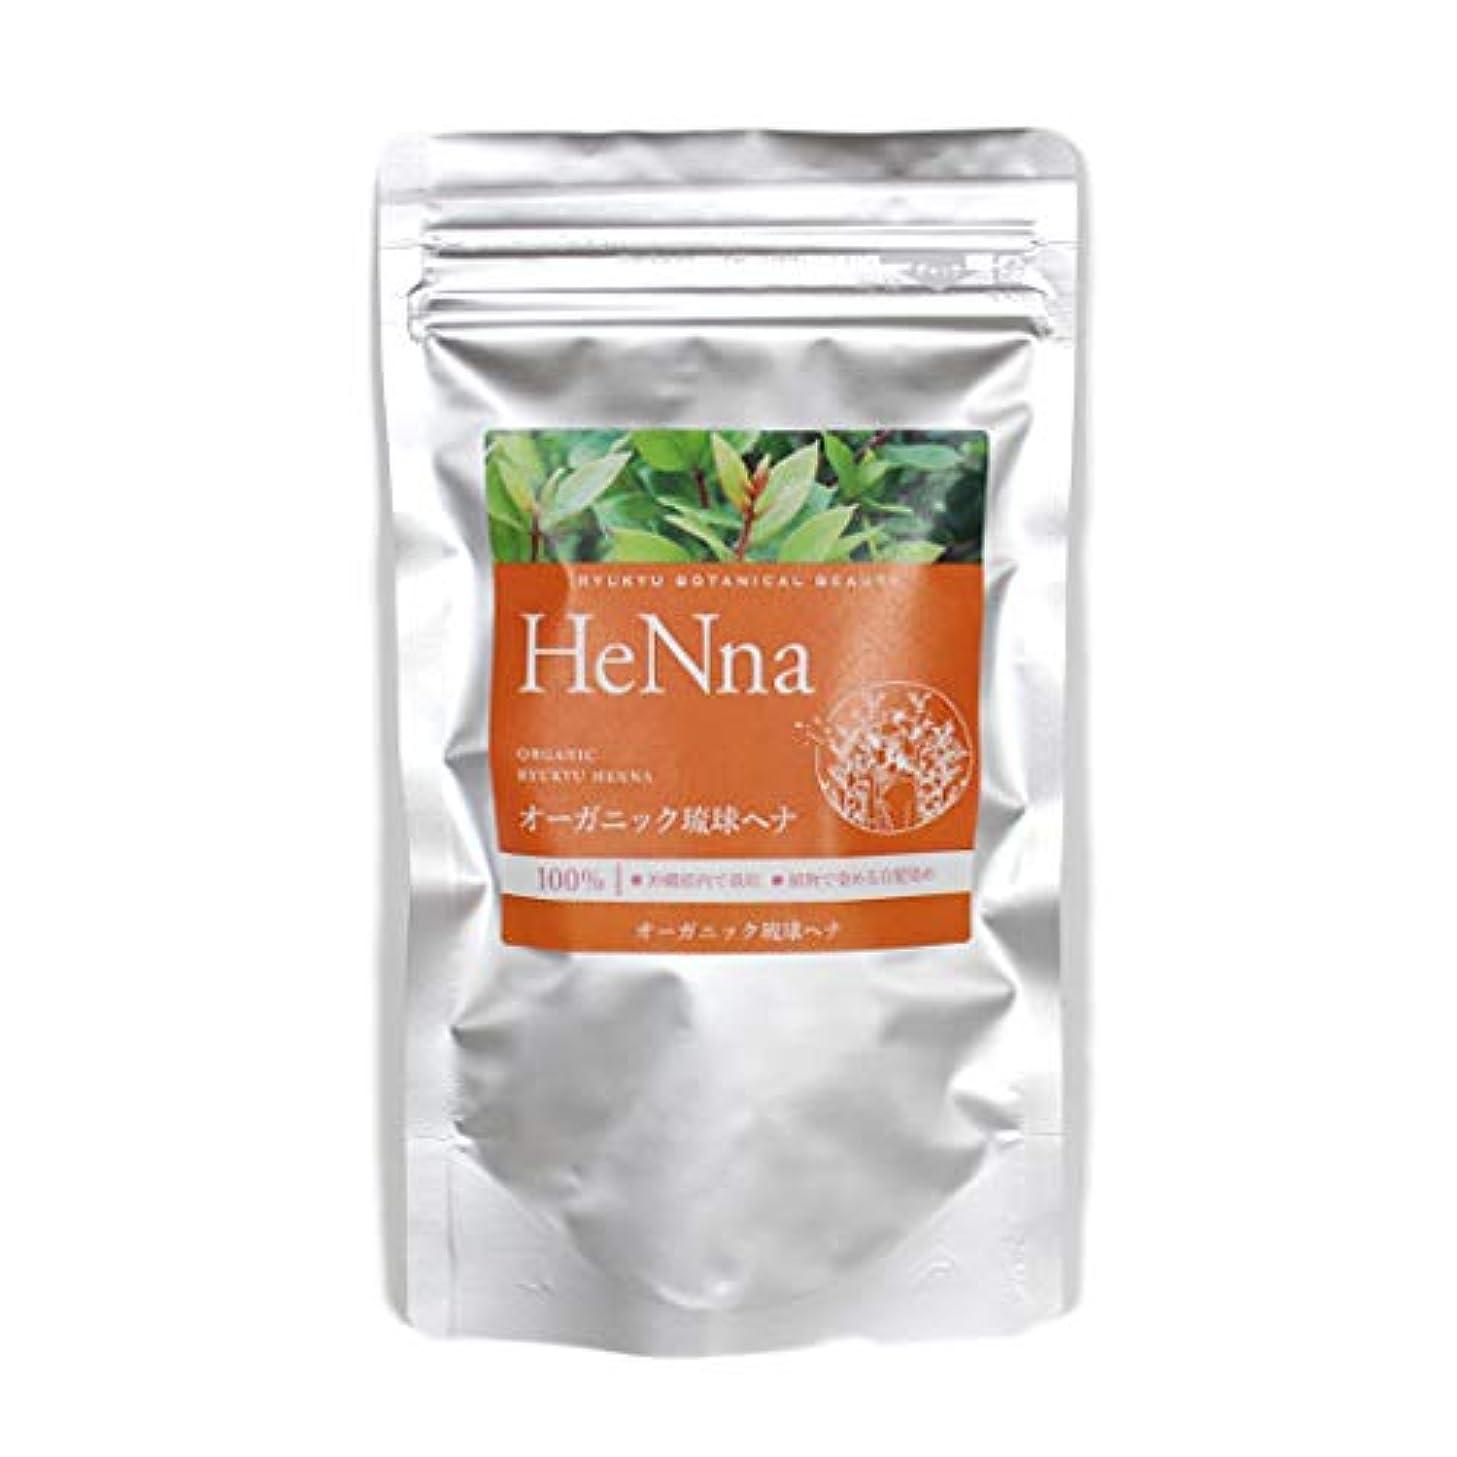 ベスビオ山開発するダイエットオーガニック琉球ヘナ 粉末 100g ×1パック